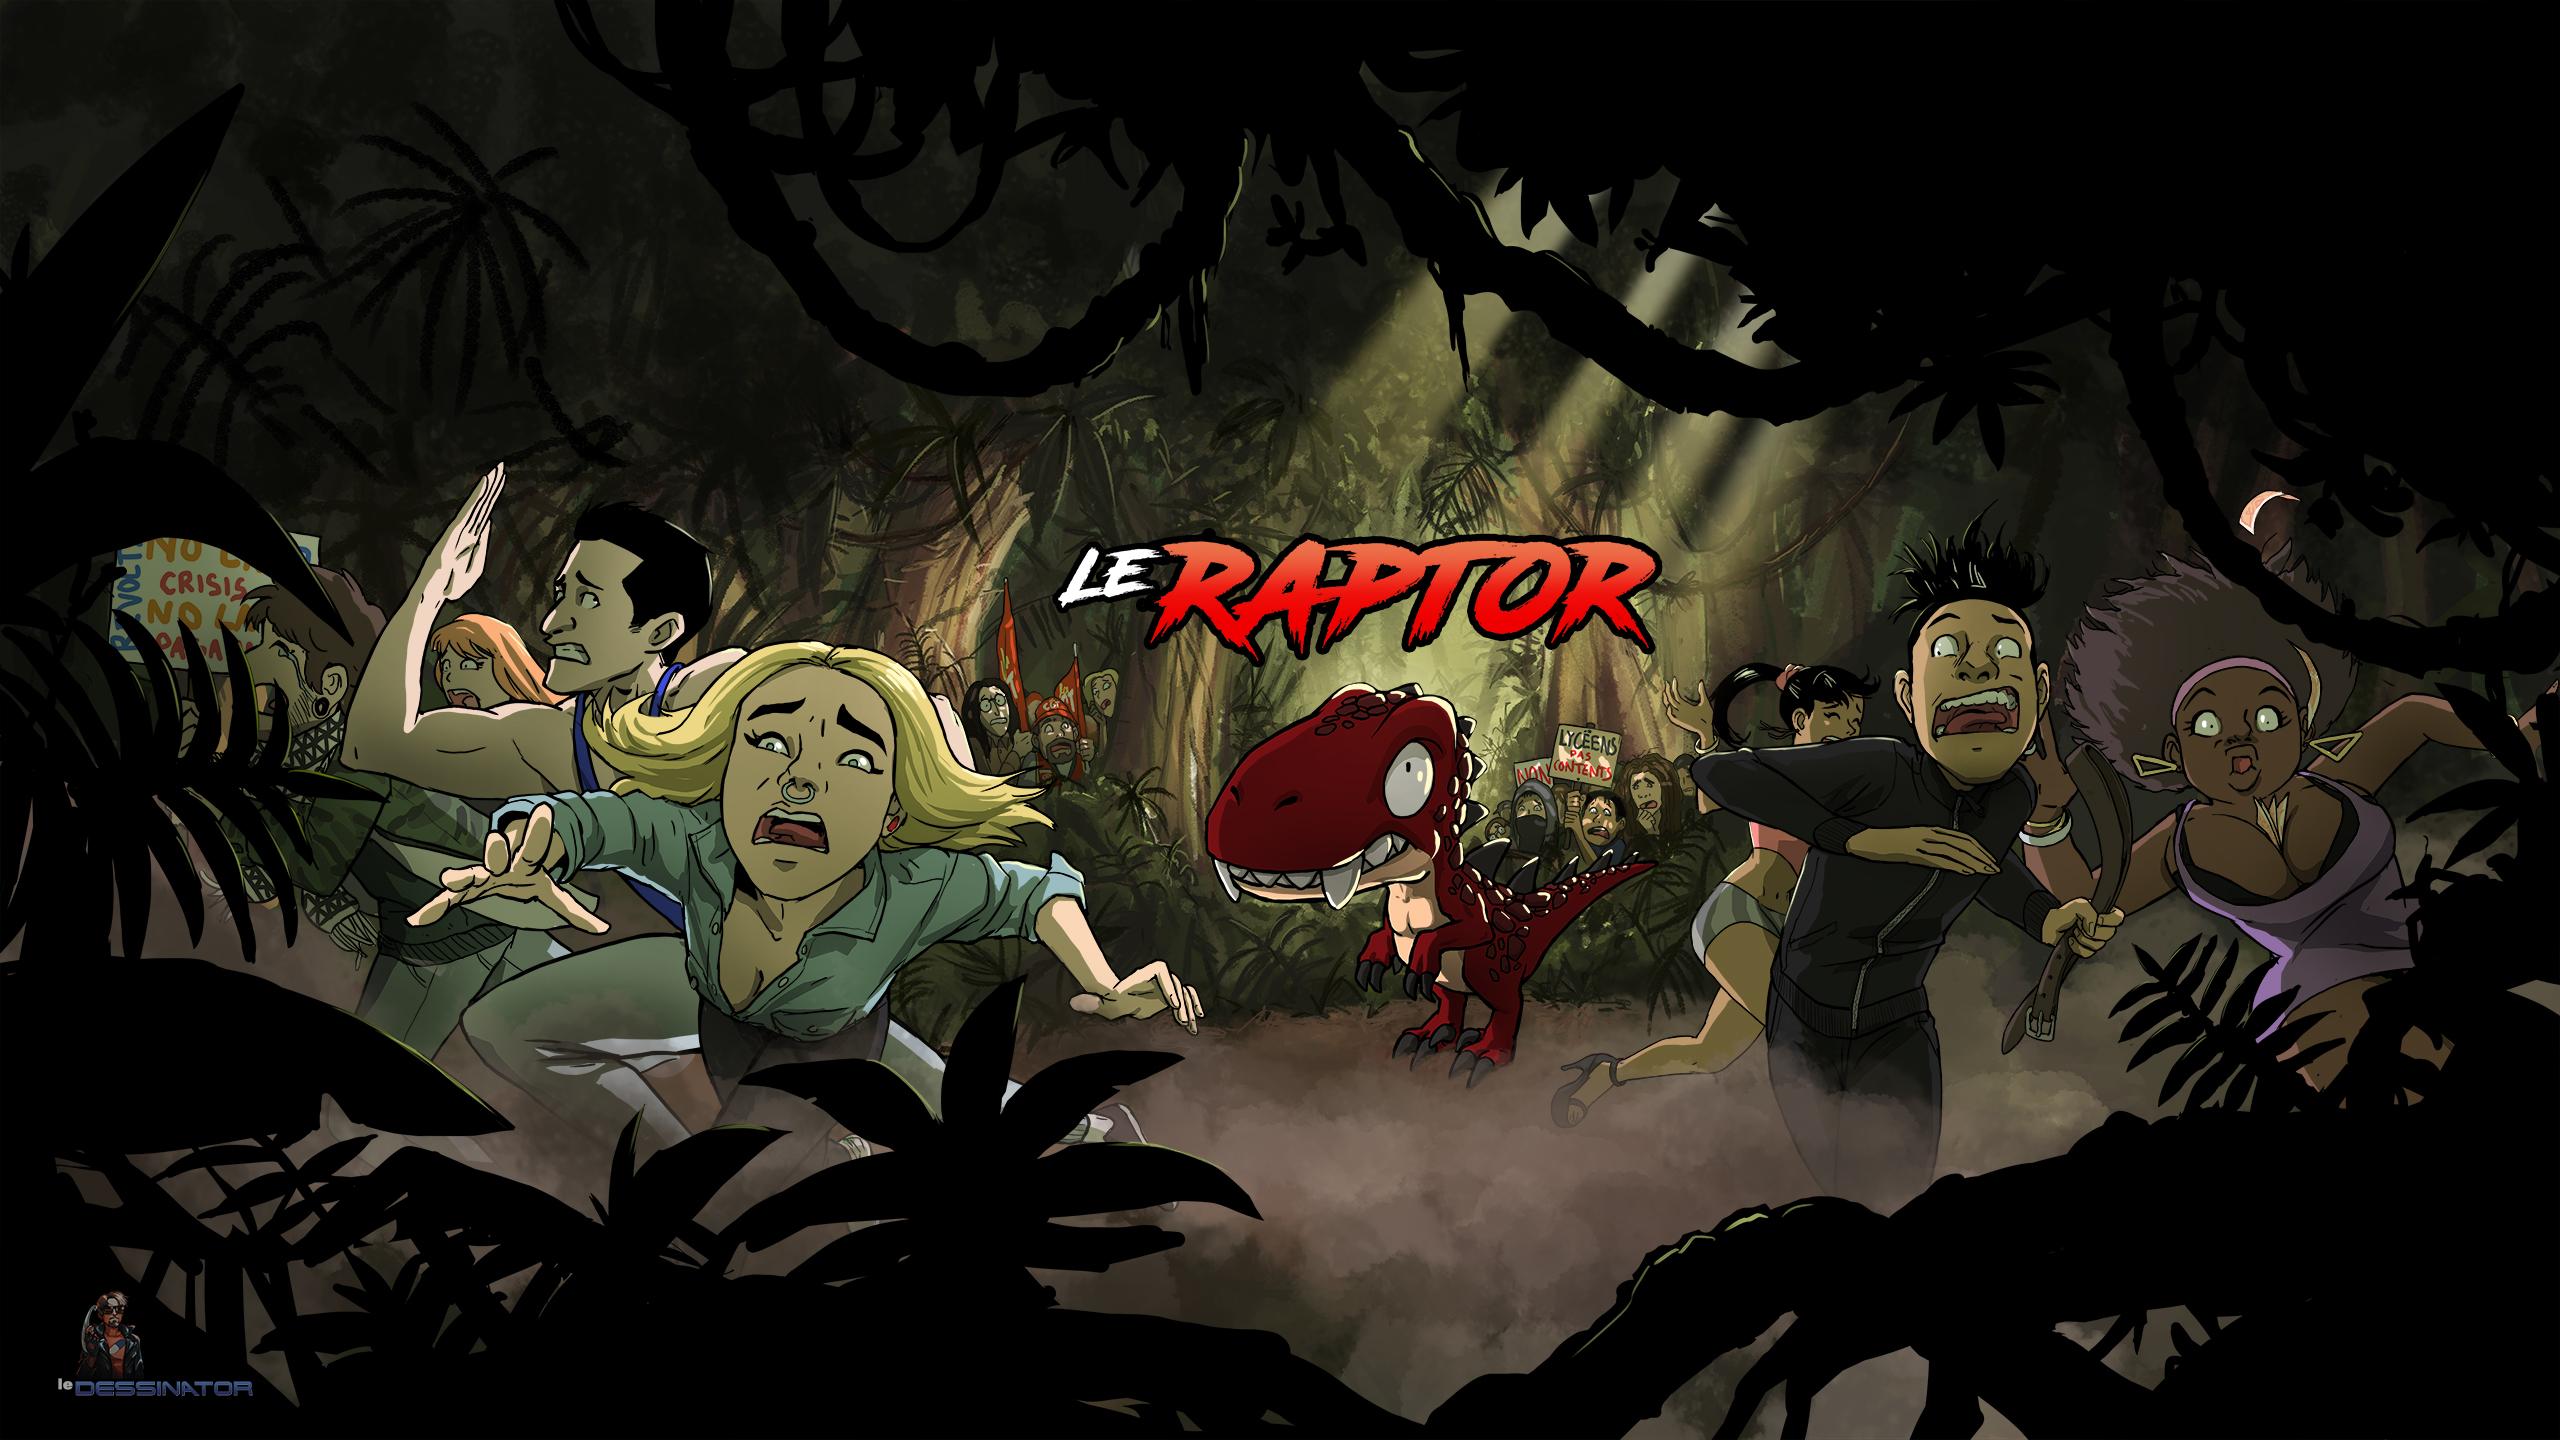 Le Raptor Dissident - Banni\u00e8re Officielle R\u00e9duite